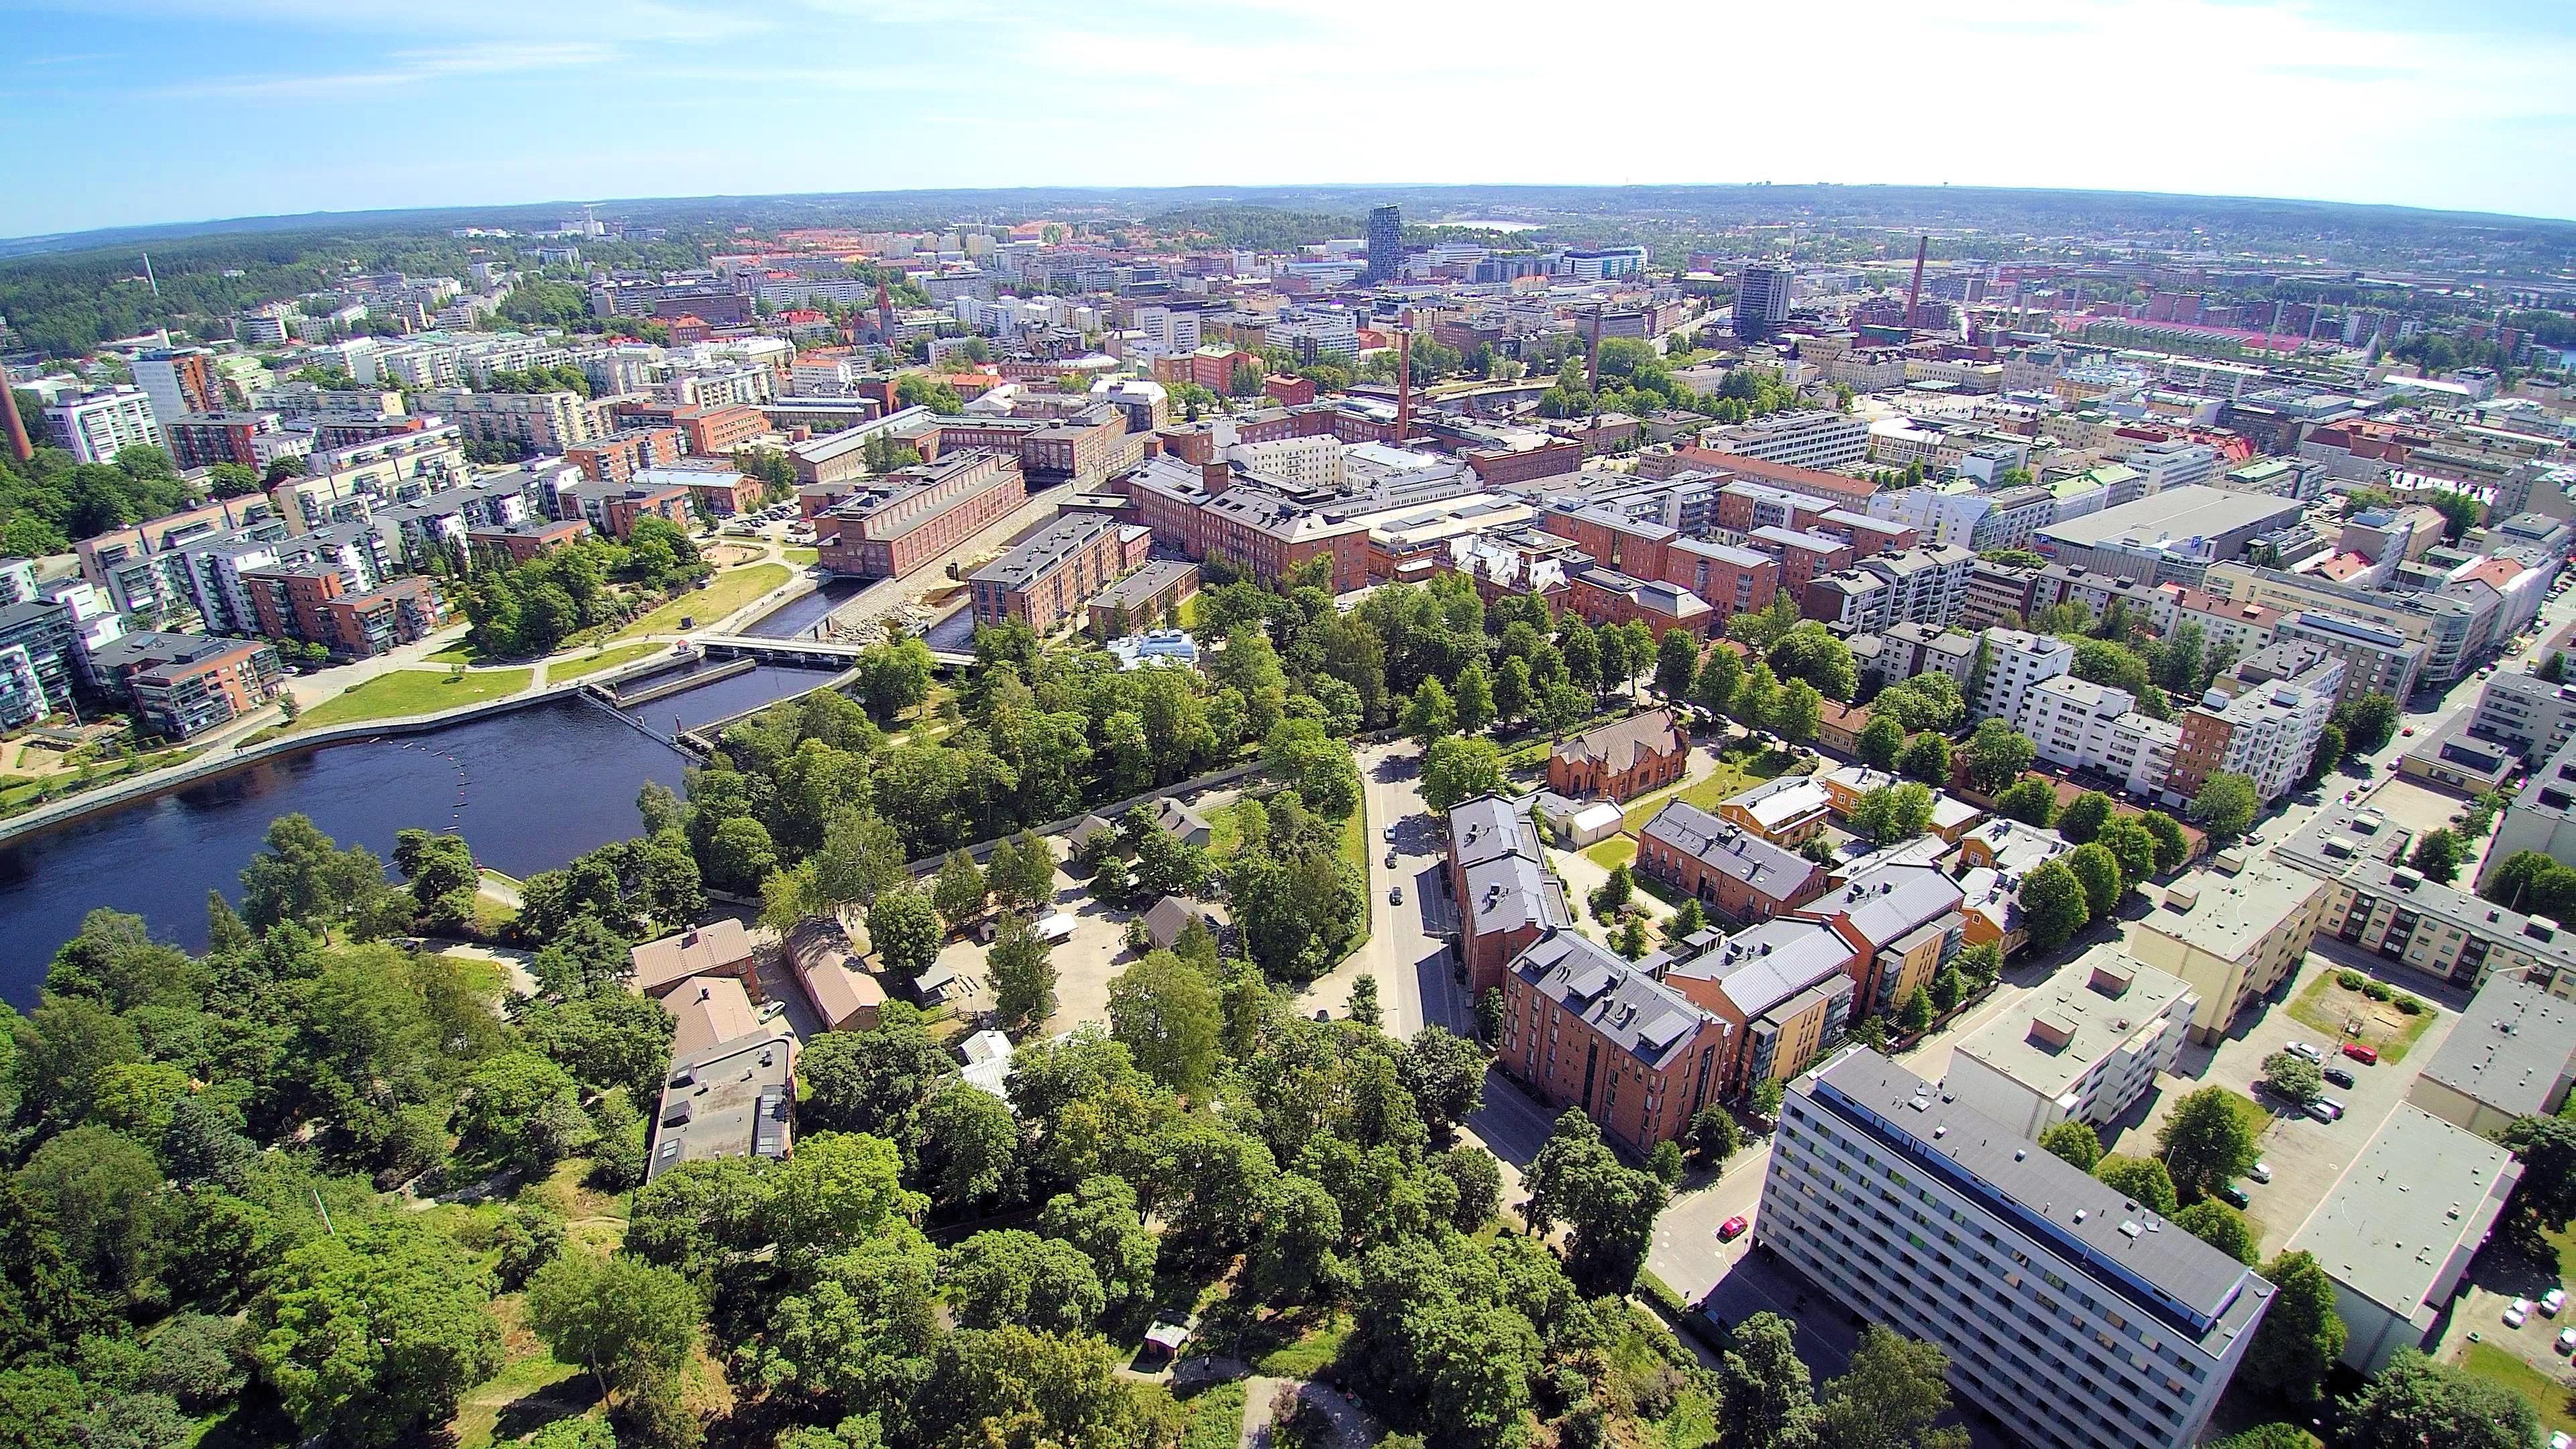 Tampereen ilmakuva. Kuva: Jorma Peltoniemi / Visit Tampere